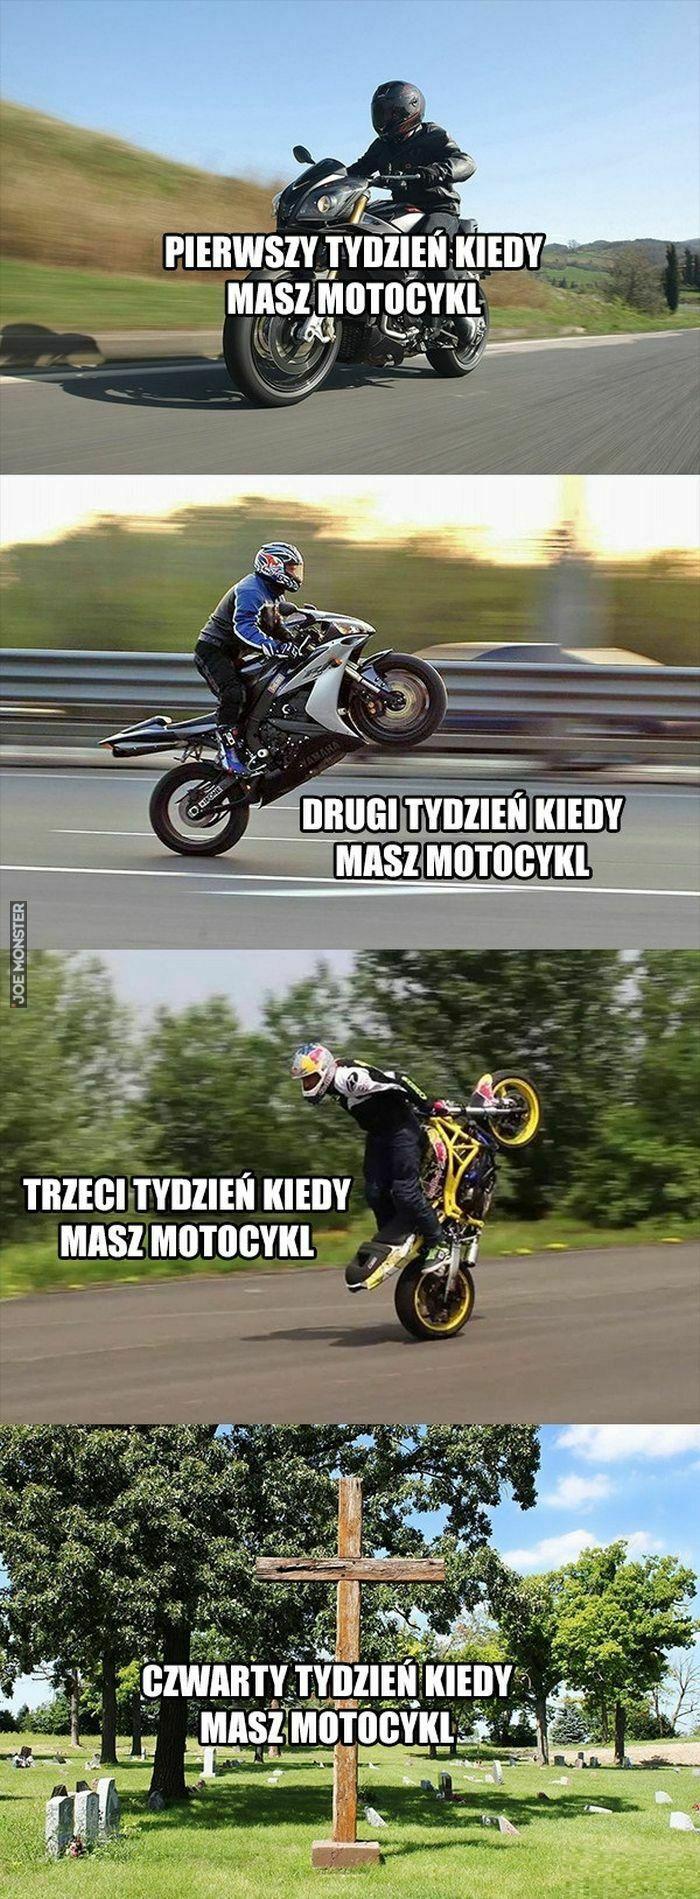 pierwszy tydzień kiedy masz motocykl